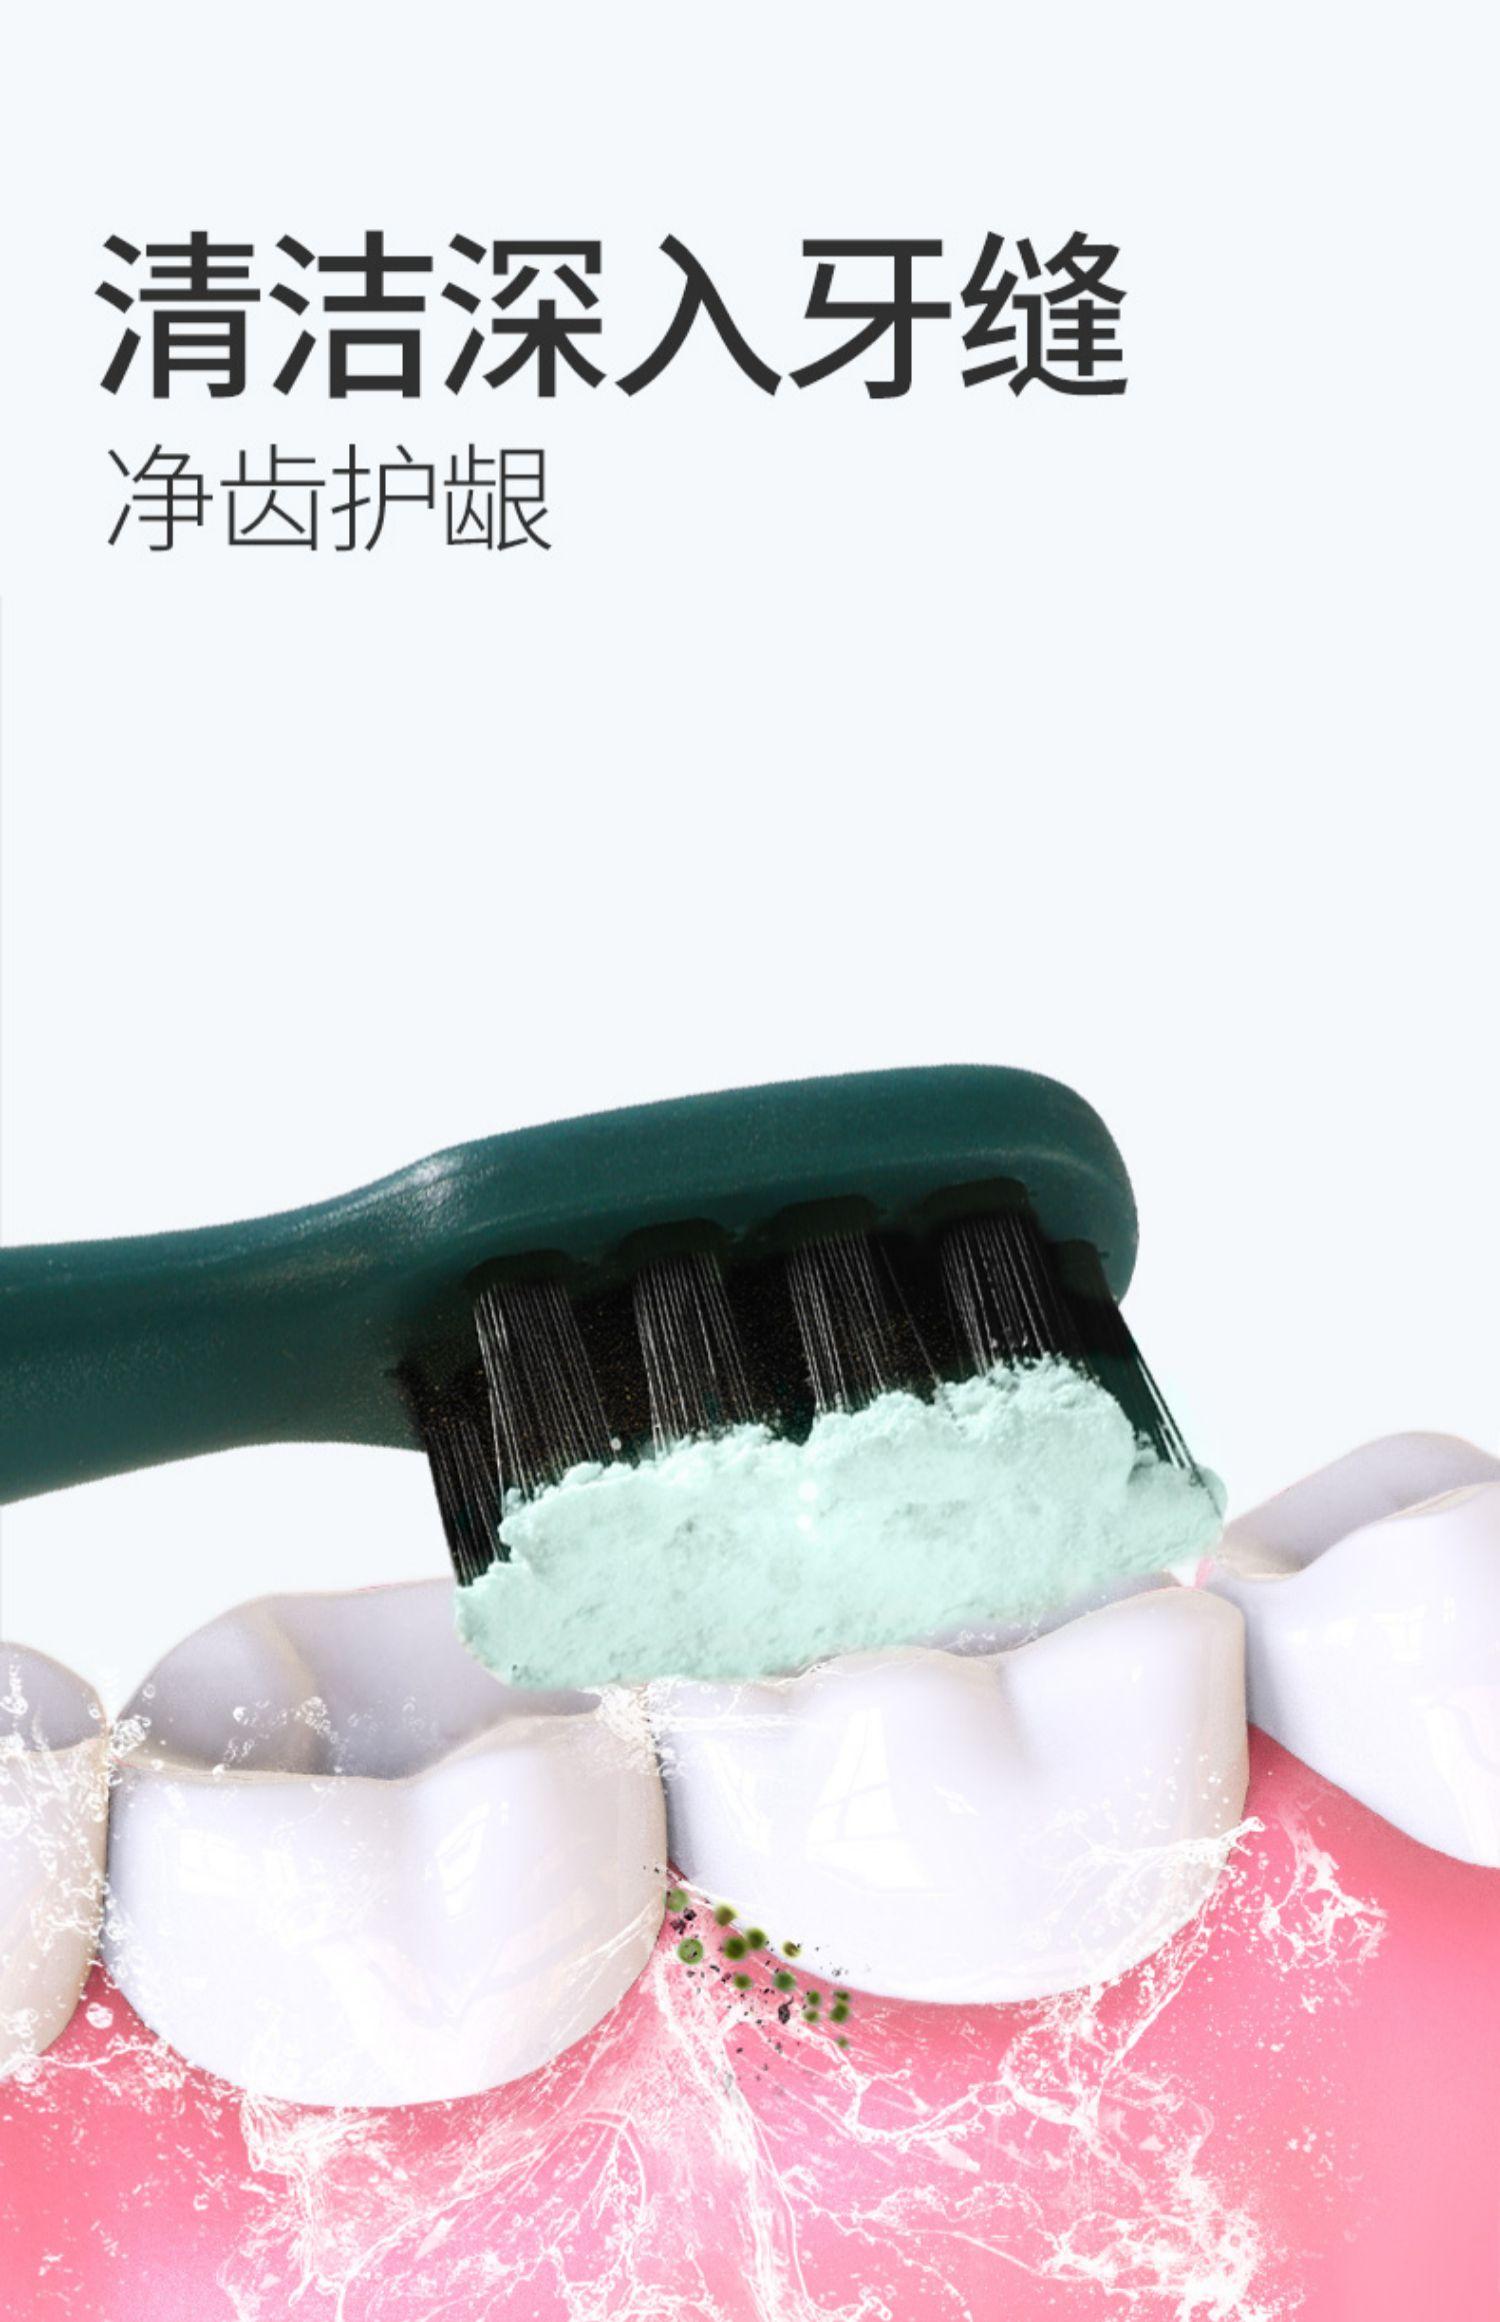 洗牙去黄洗白污垢除牙石神器洁牙粉